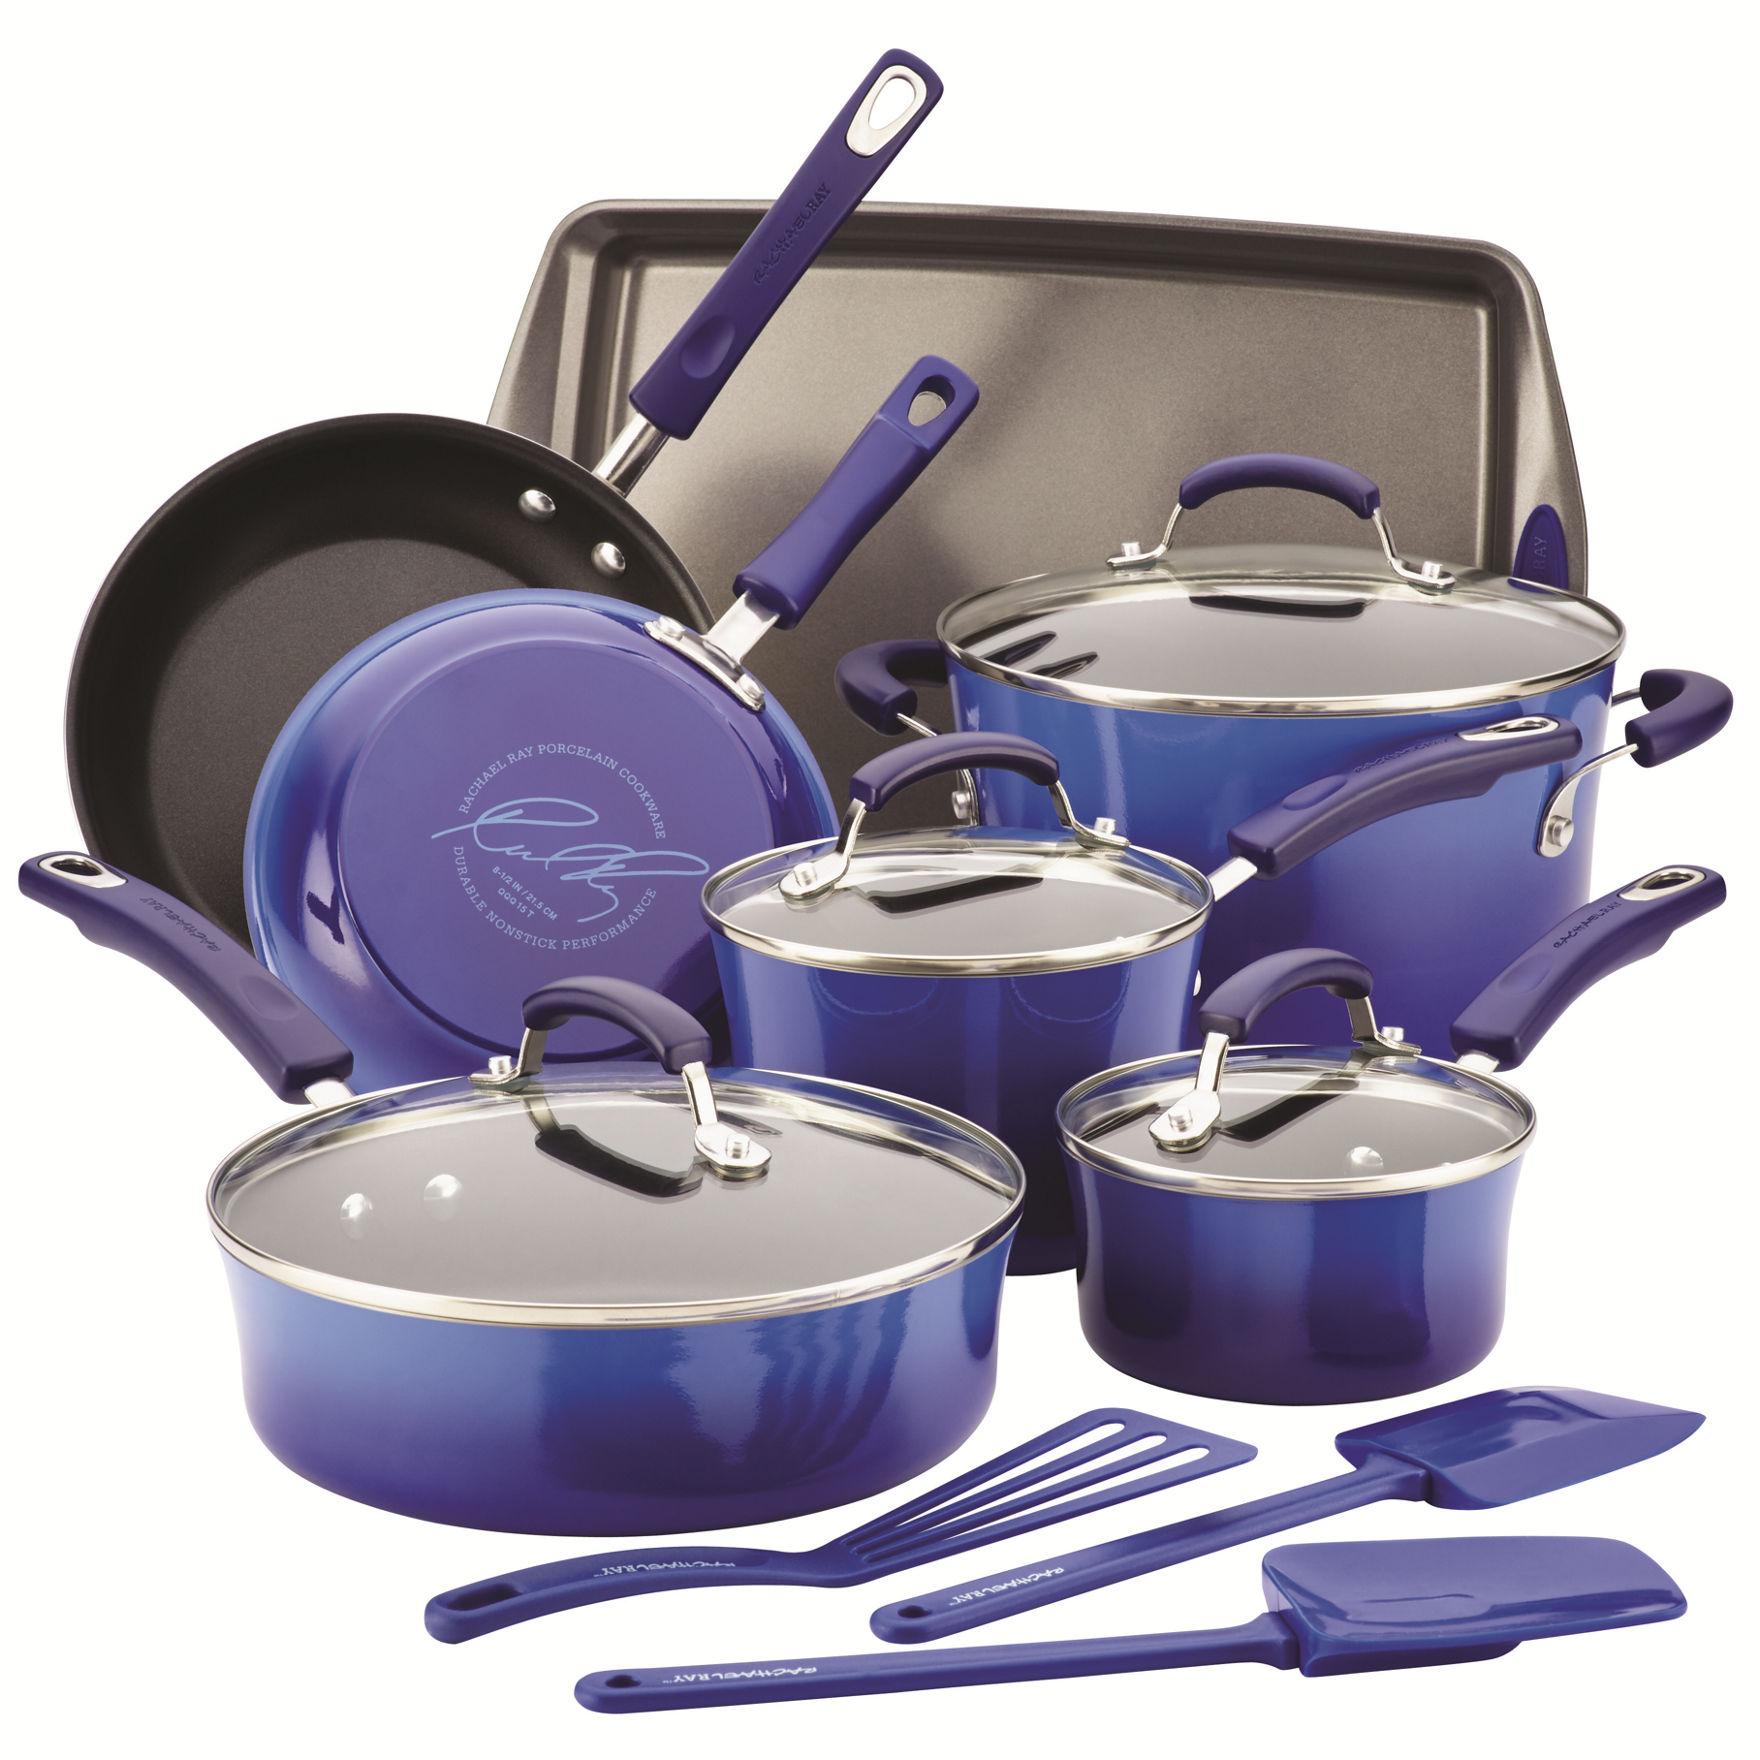 Rachael Ray Blue Cookware Sets Cookware